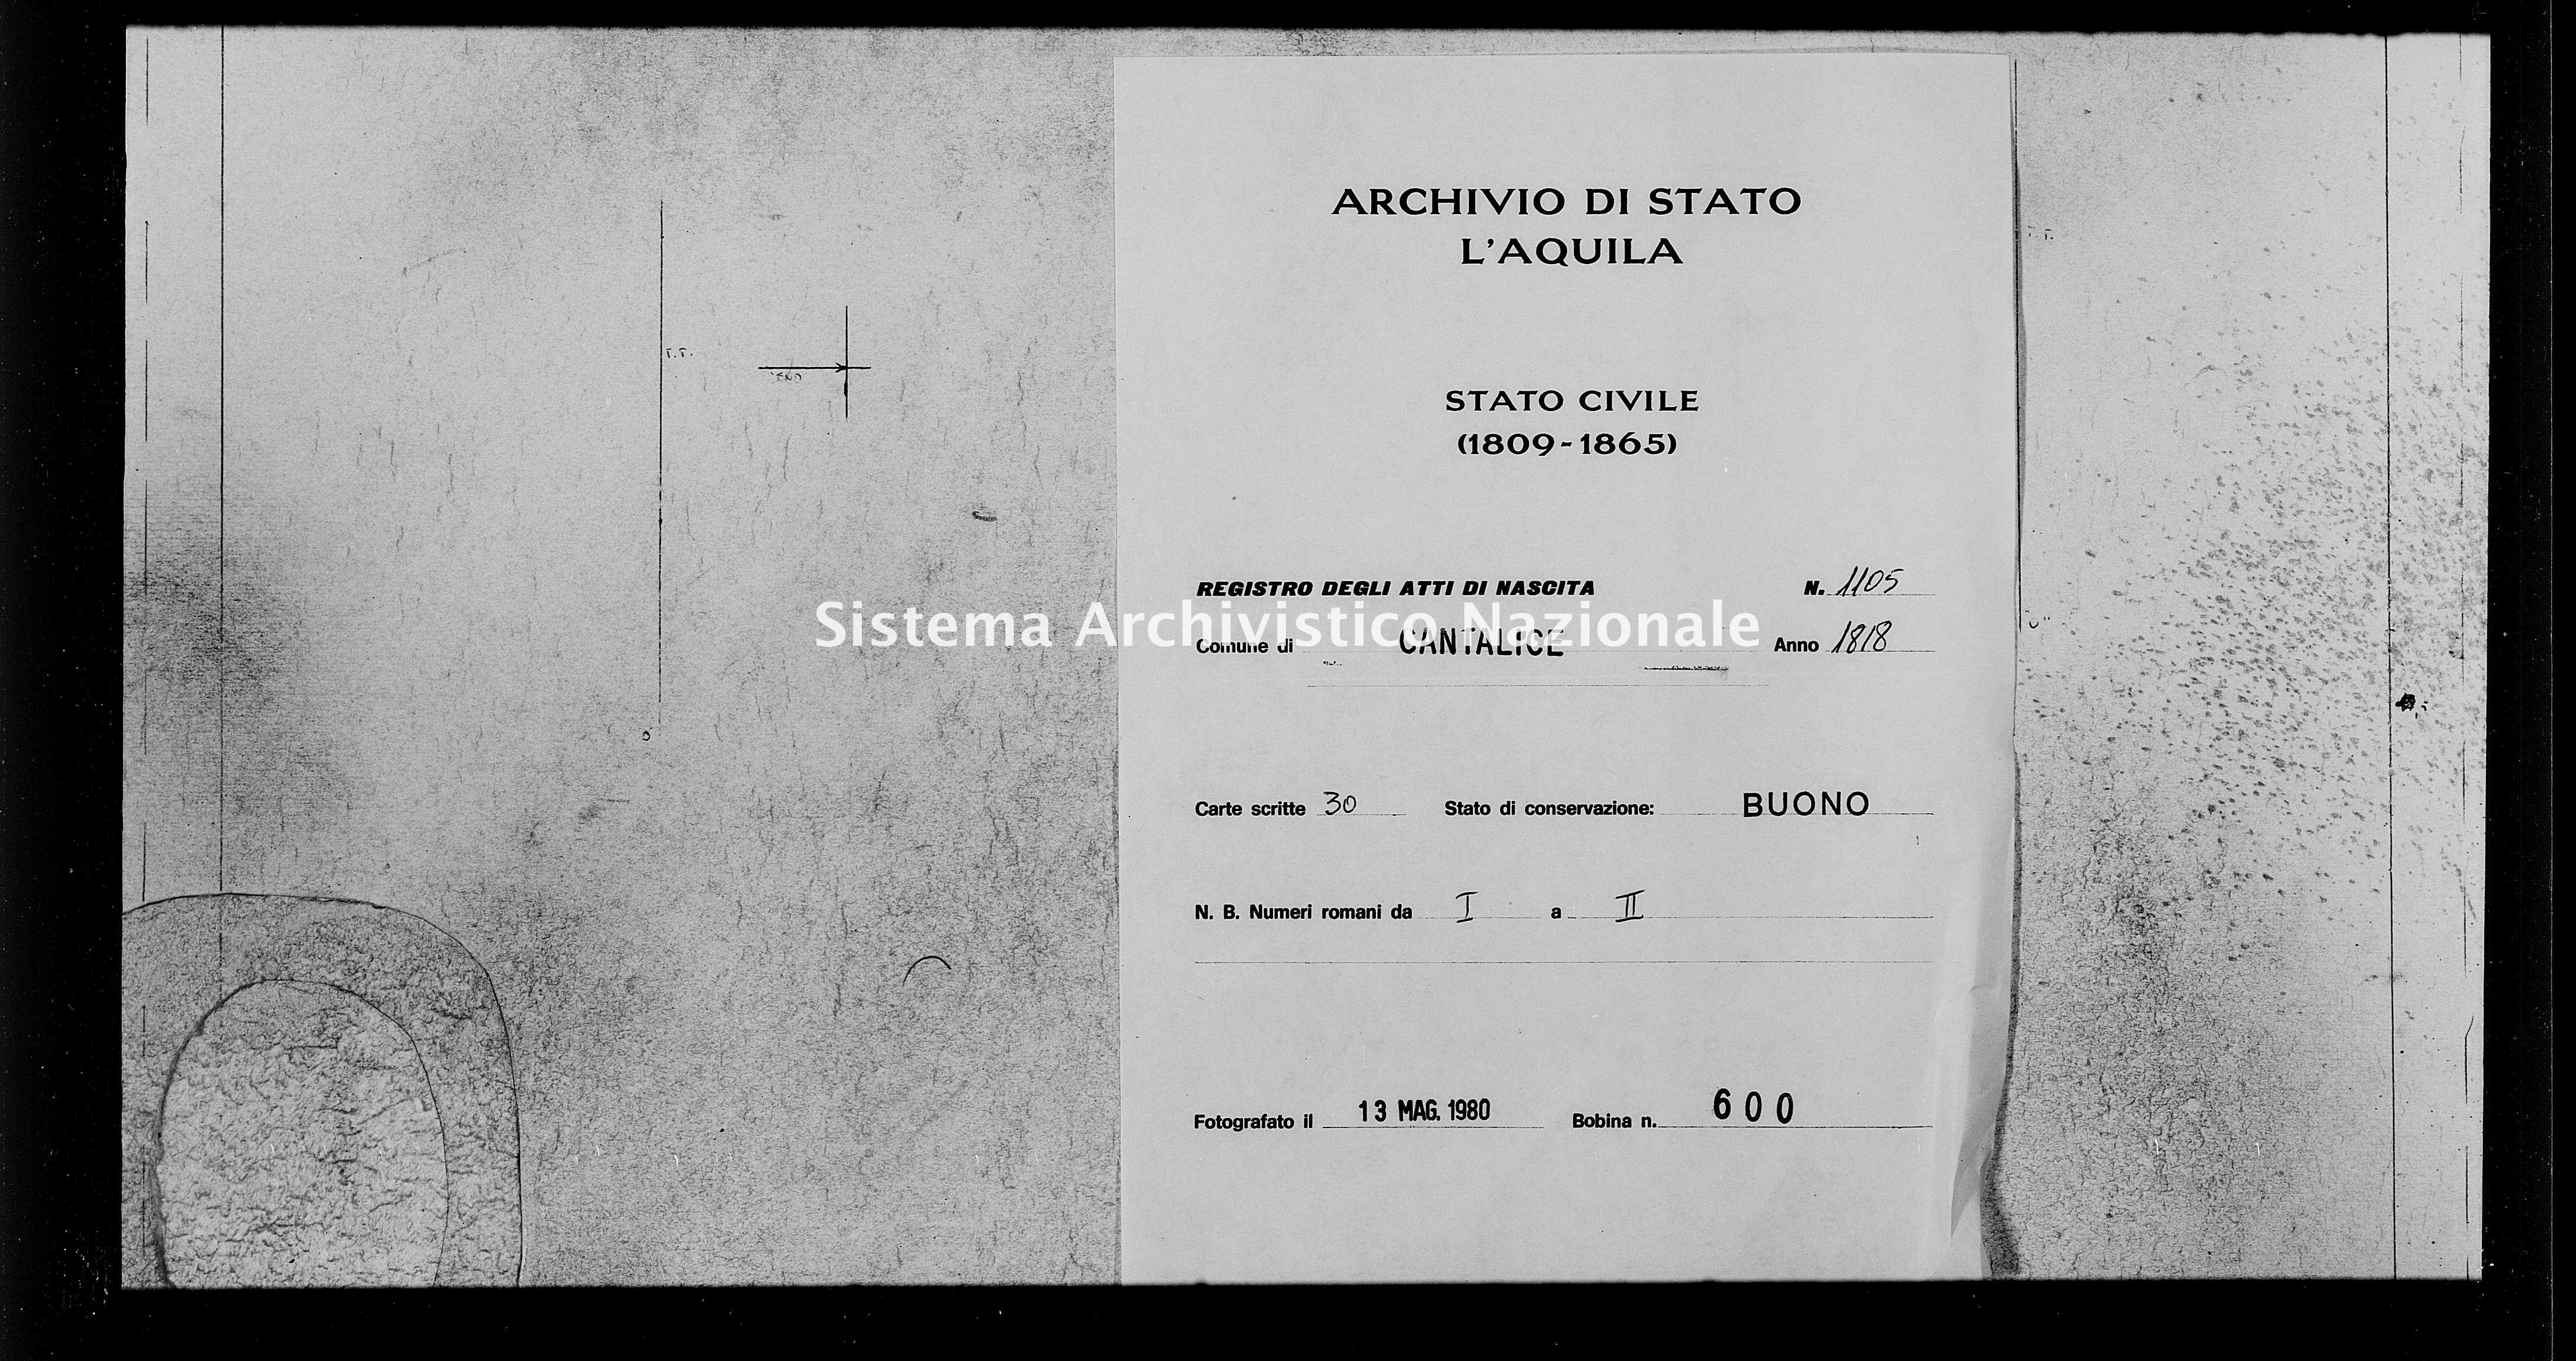 Archivio di stato di L'aquila - Stato civile della restaurazione - Cantalice - Nati - 1818 - 1105 -